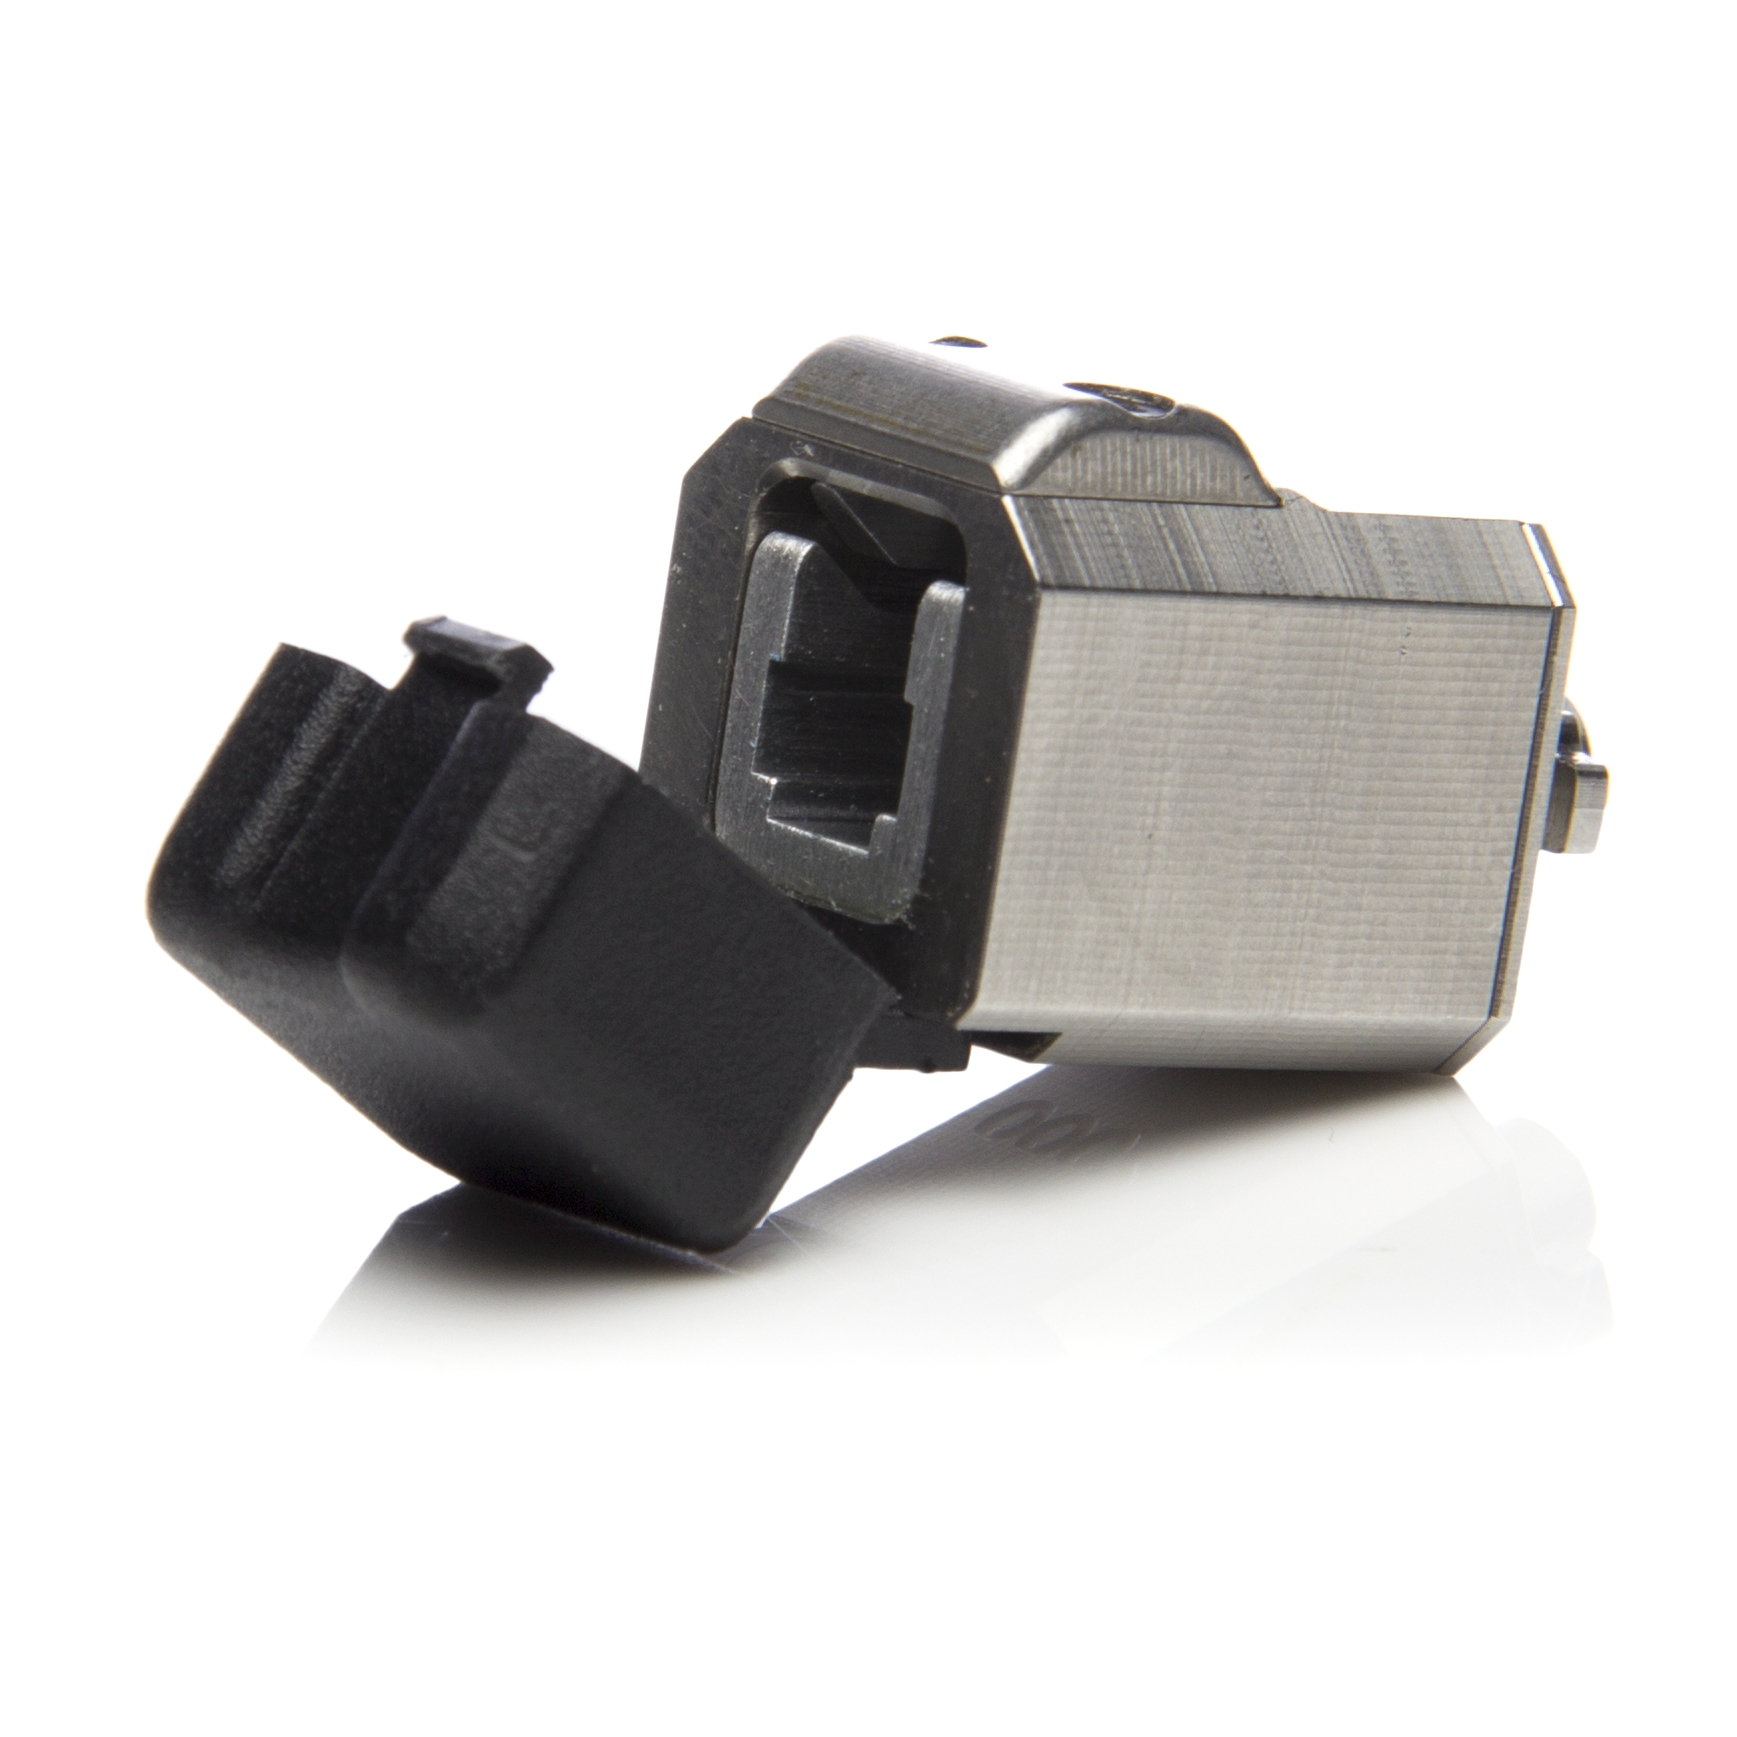 EXFO EUI-95 : Сменный адаптер E-2000 для портативных источников излучения и оптических рефлектометров